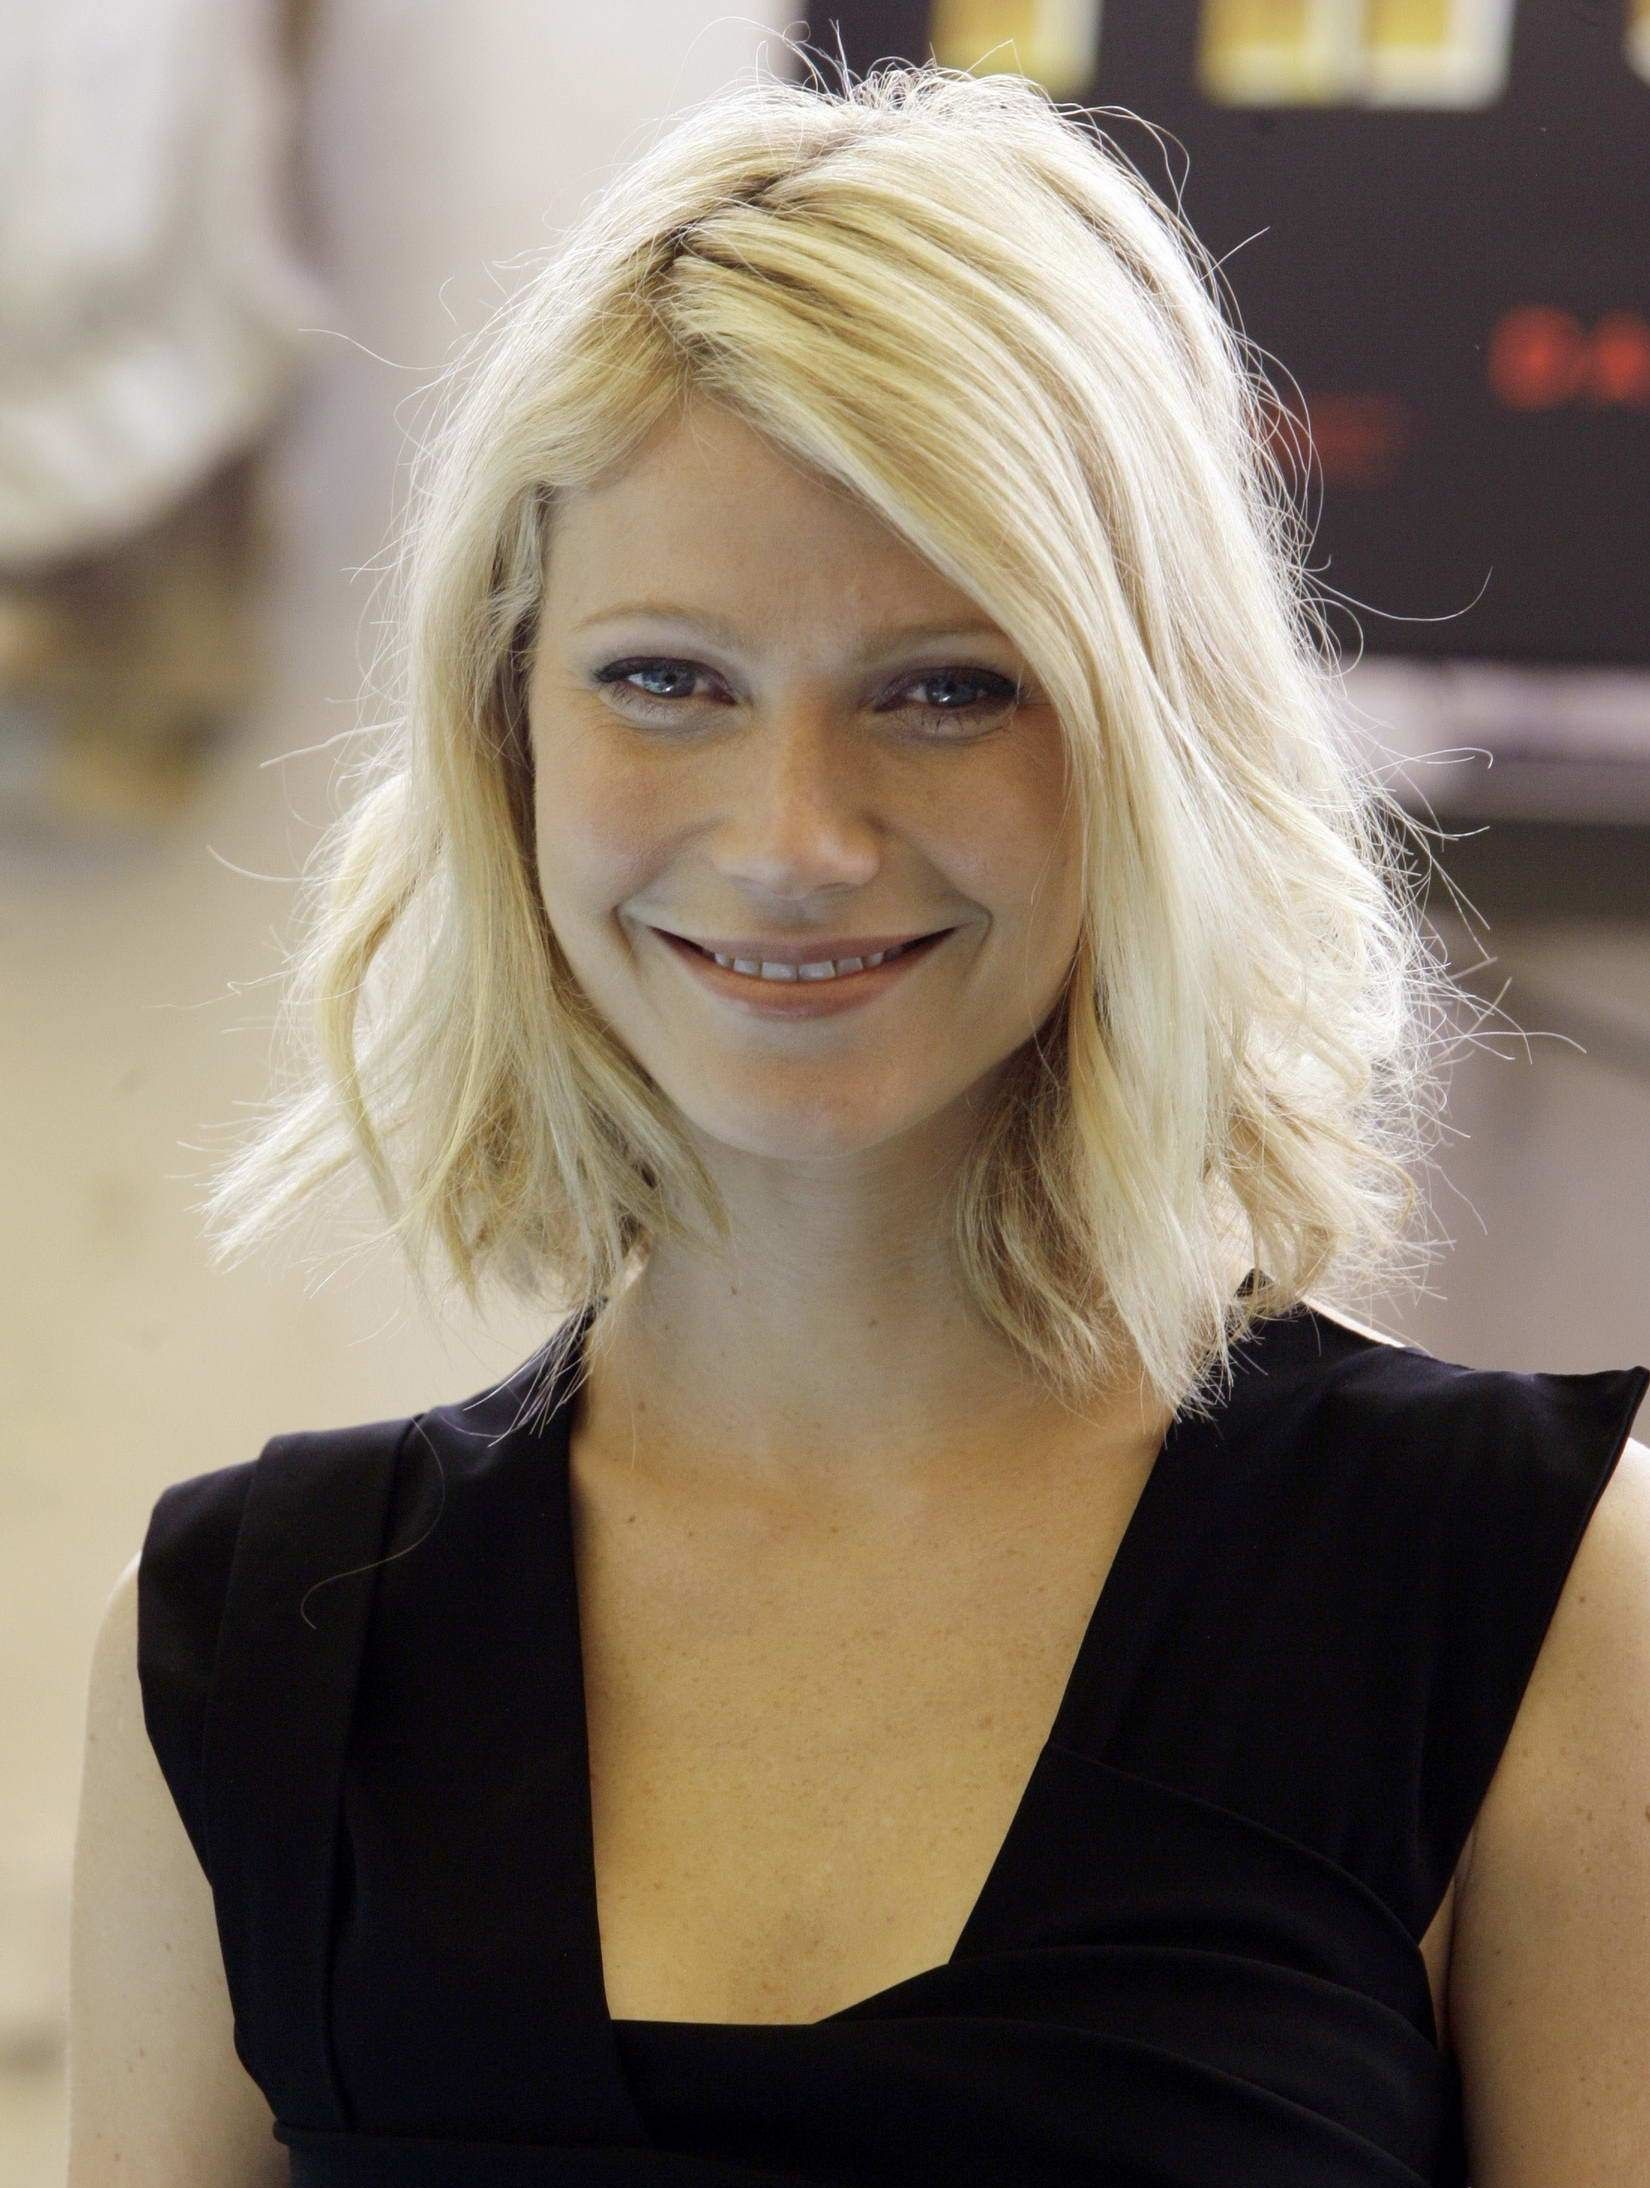 Pin By Kristin Friend Bigouette On Hair Gwyneth Paltrow Hair Short Hair Styles Hair Styles